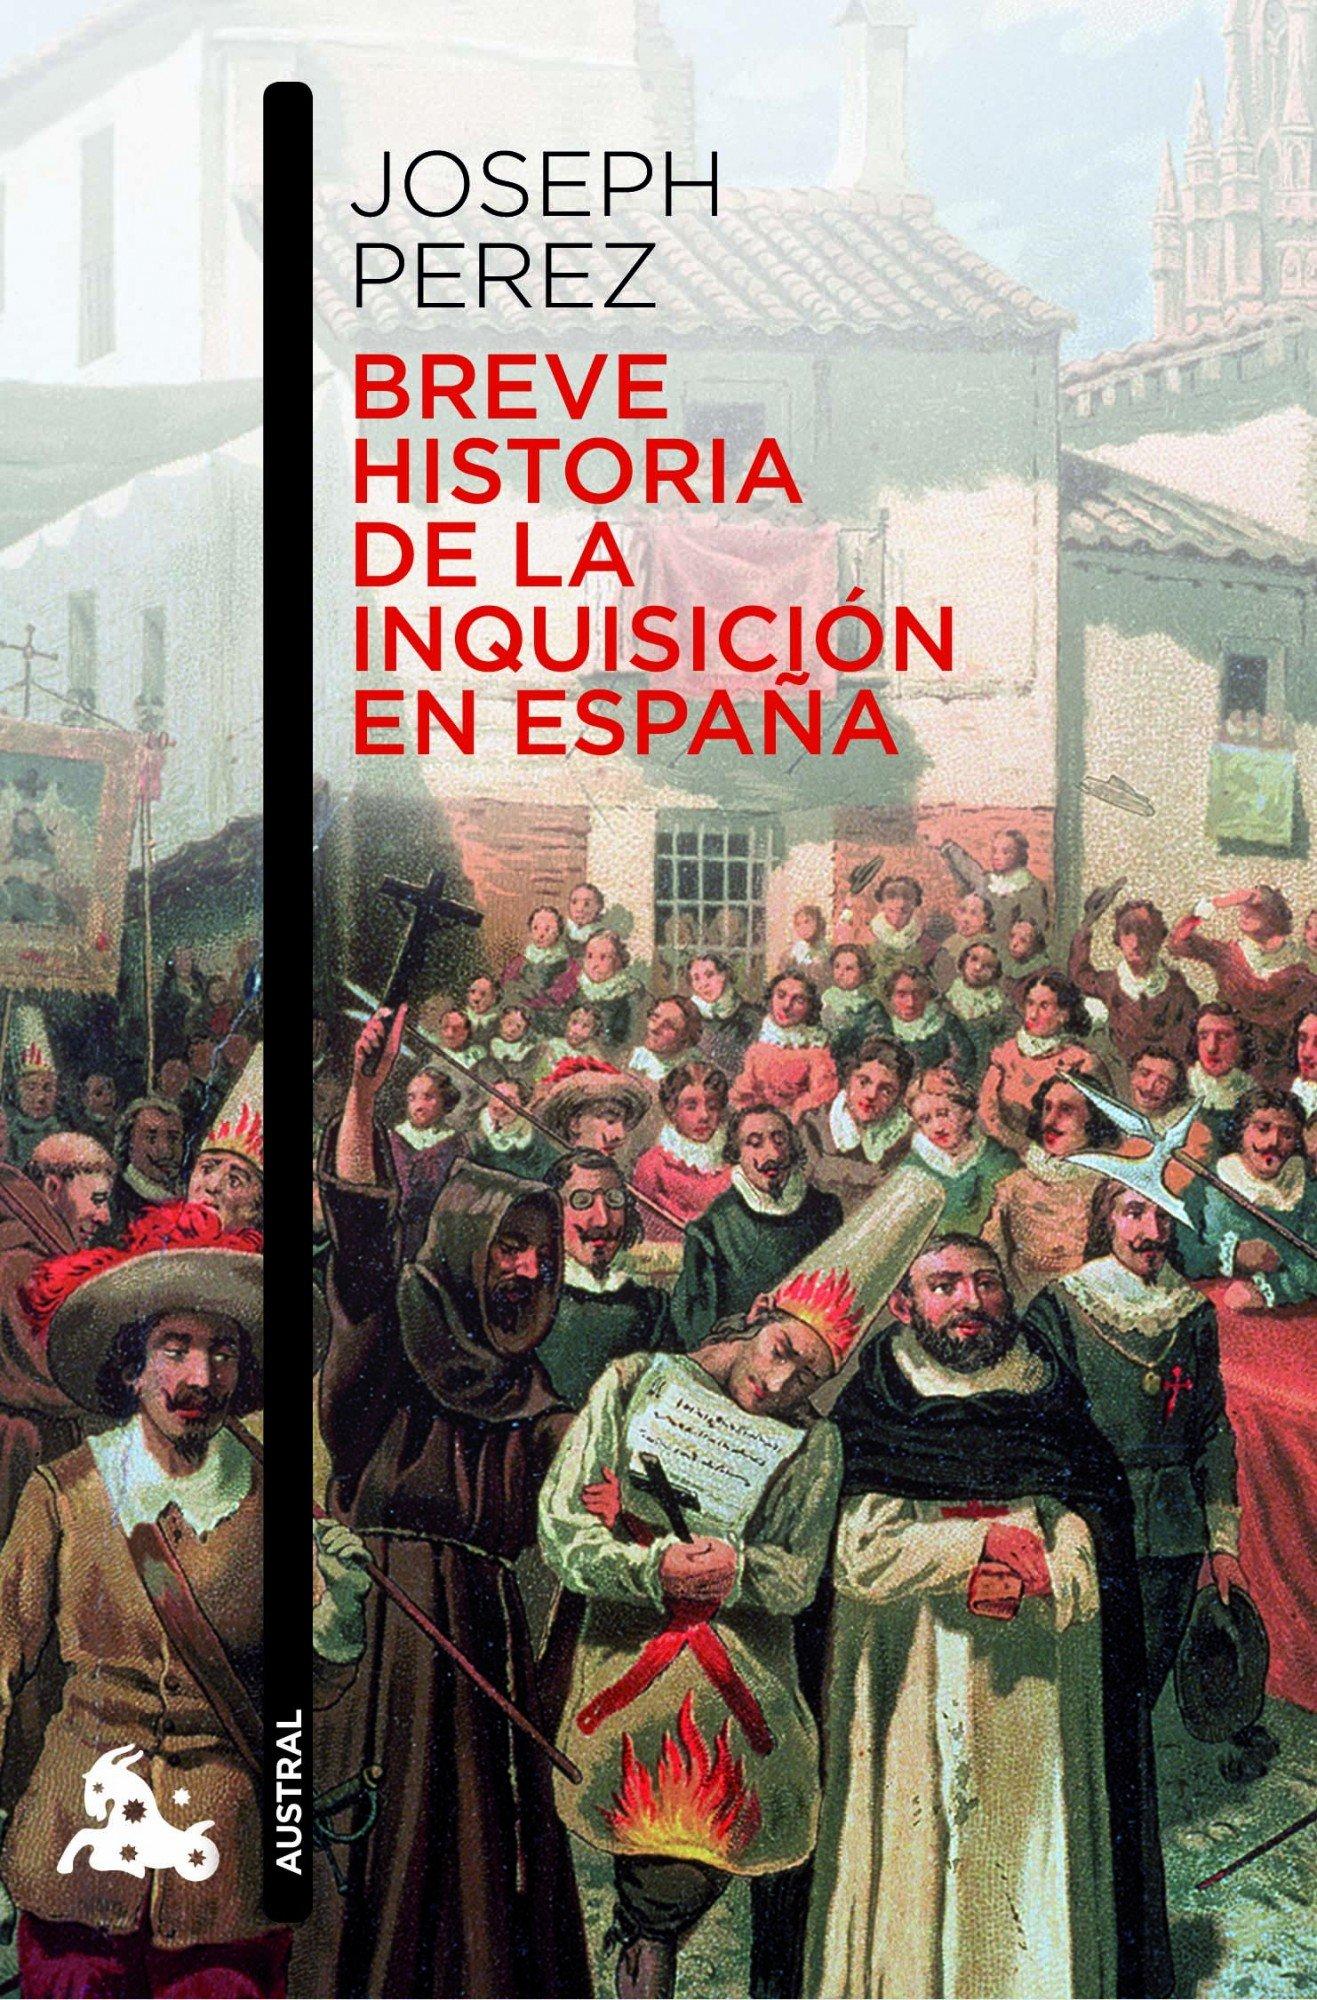 Breve historia de la Inquisición en España Contemporánea: Amazon.es: Pérez, Joseph, Pons, María: Libros